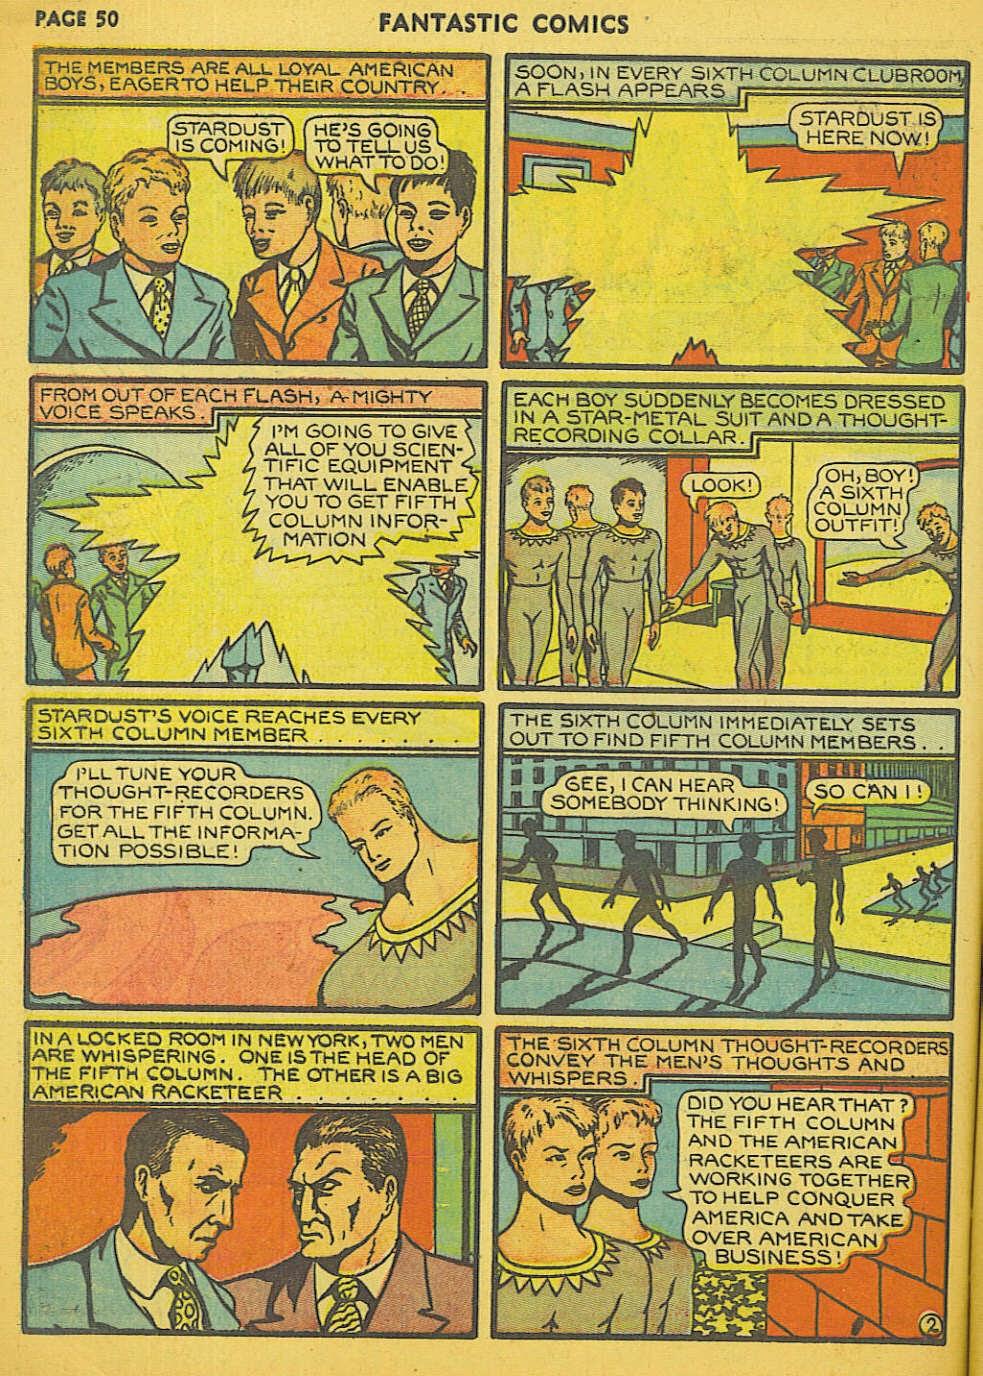 Read online Fantastic Comics comic -  Issue #15 - 45